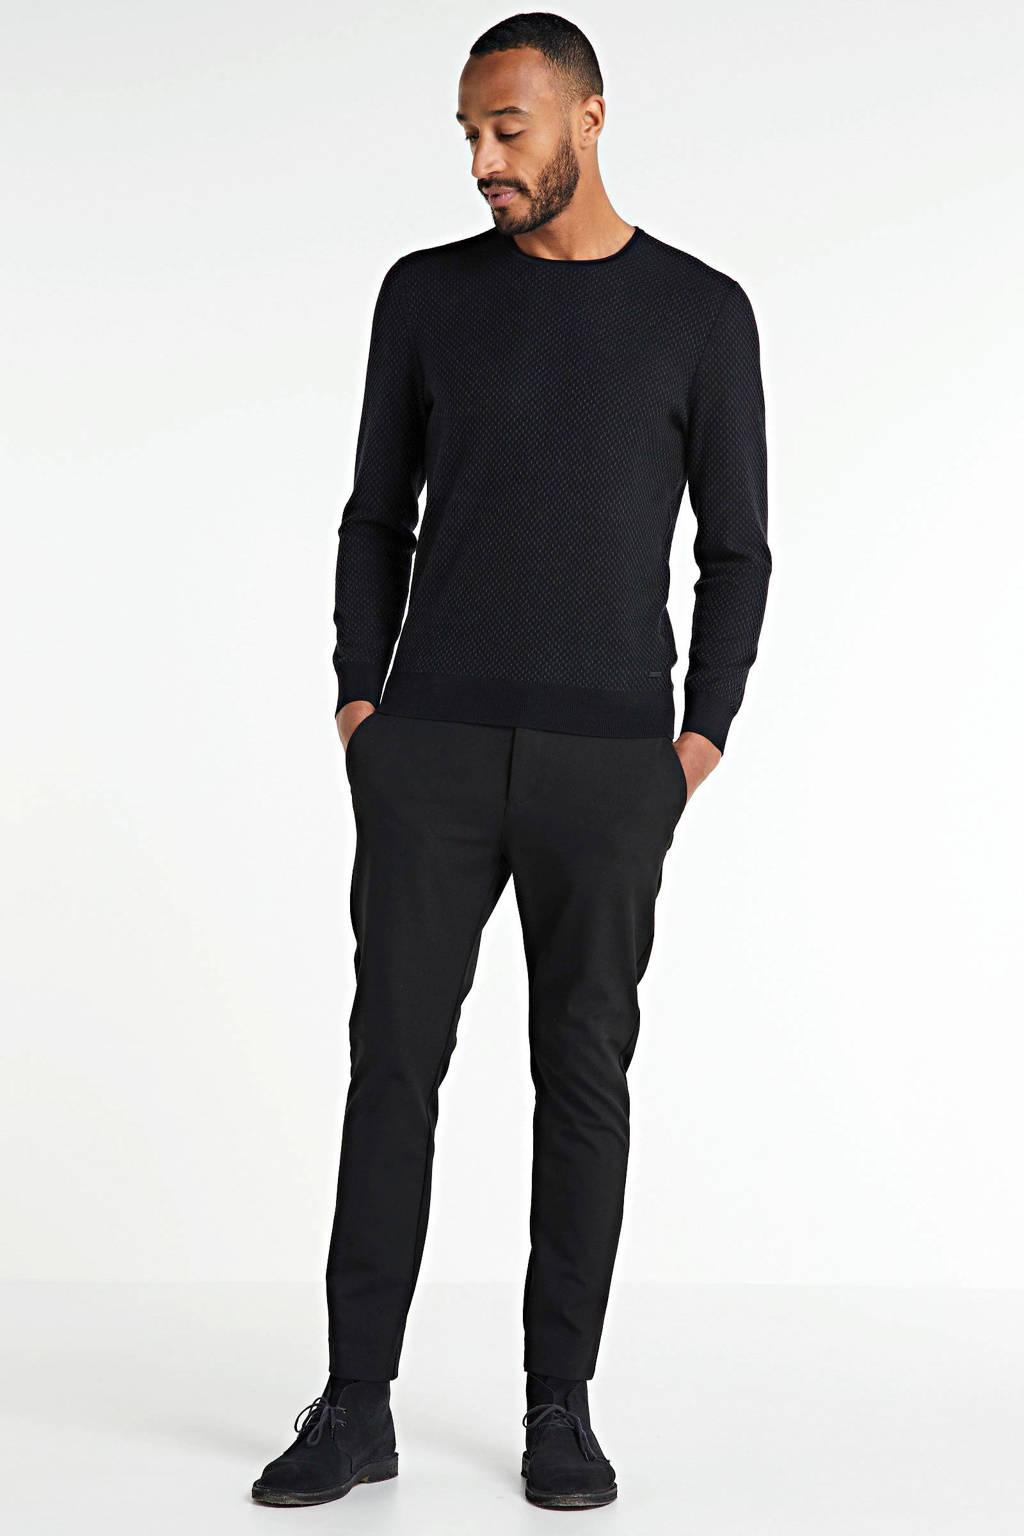 BOSS Casual gemêleerde trui Komallo zwart, Zwart